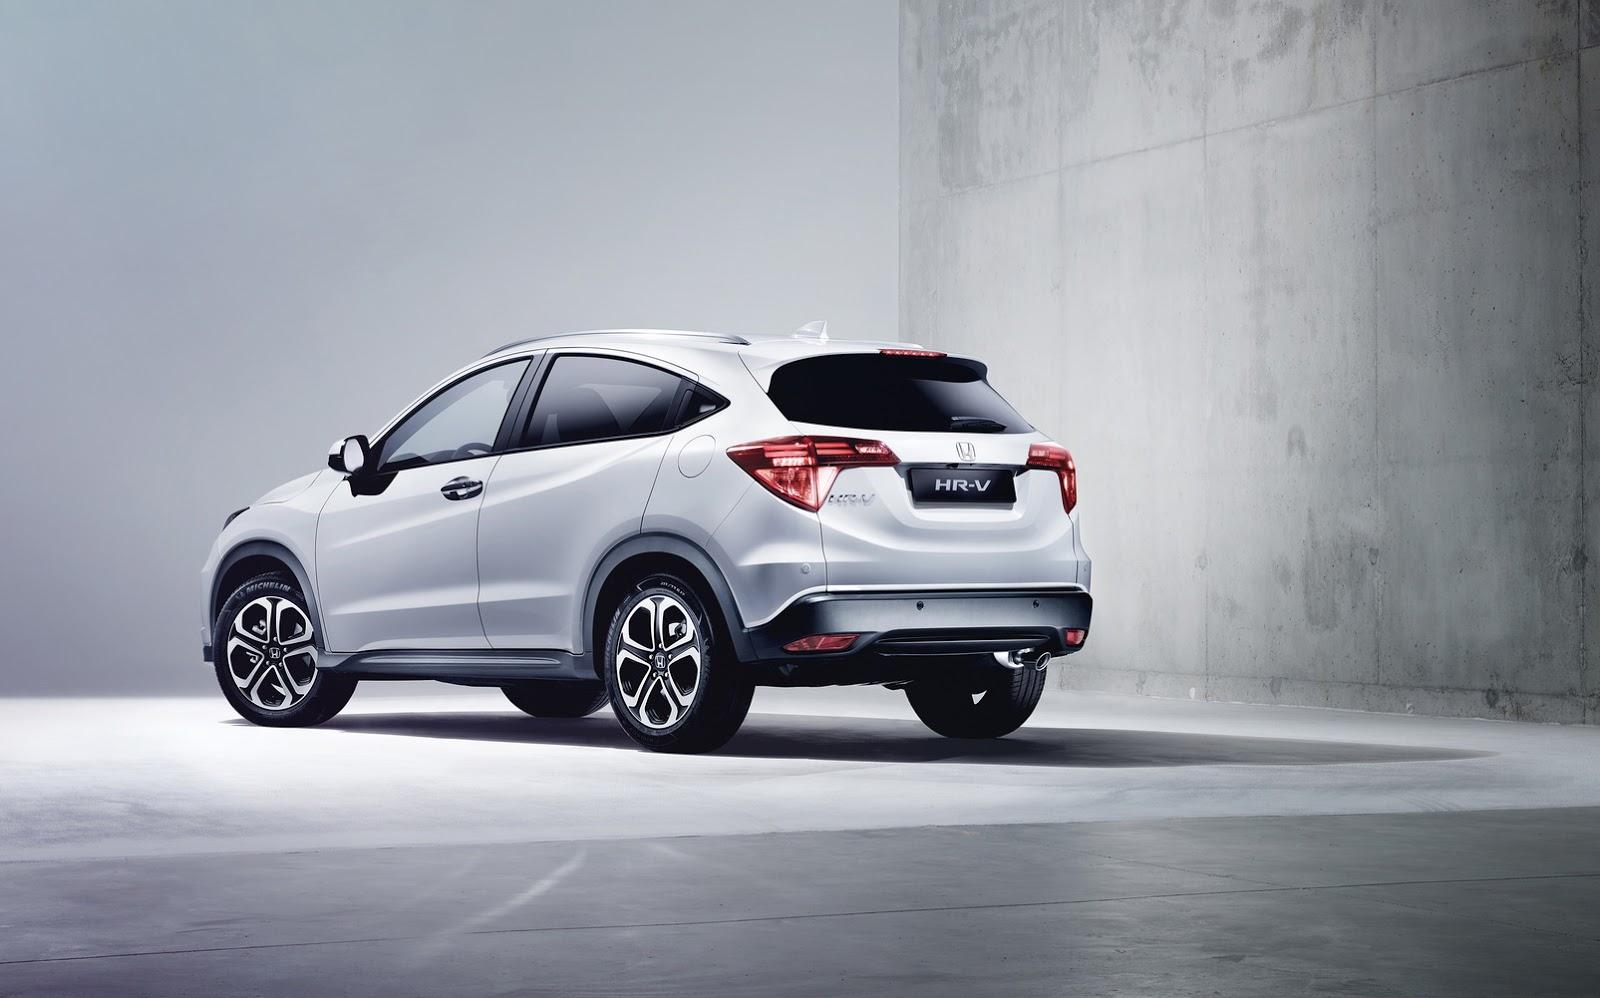 Honda HR-V: Disponible en verano con los 1.6 i-DTEC y 1.5 i-VTEC 2